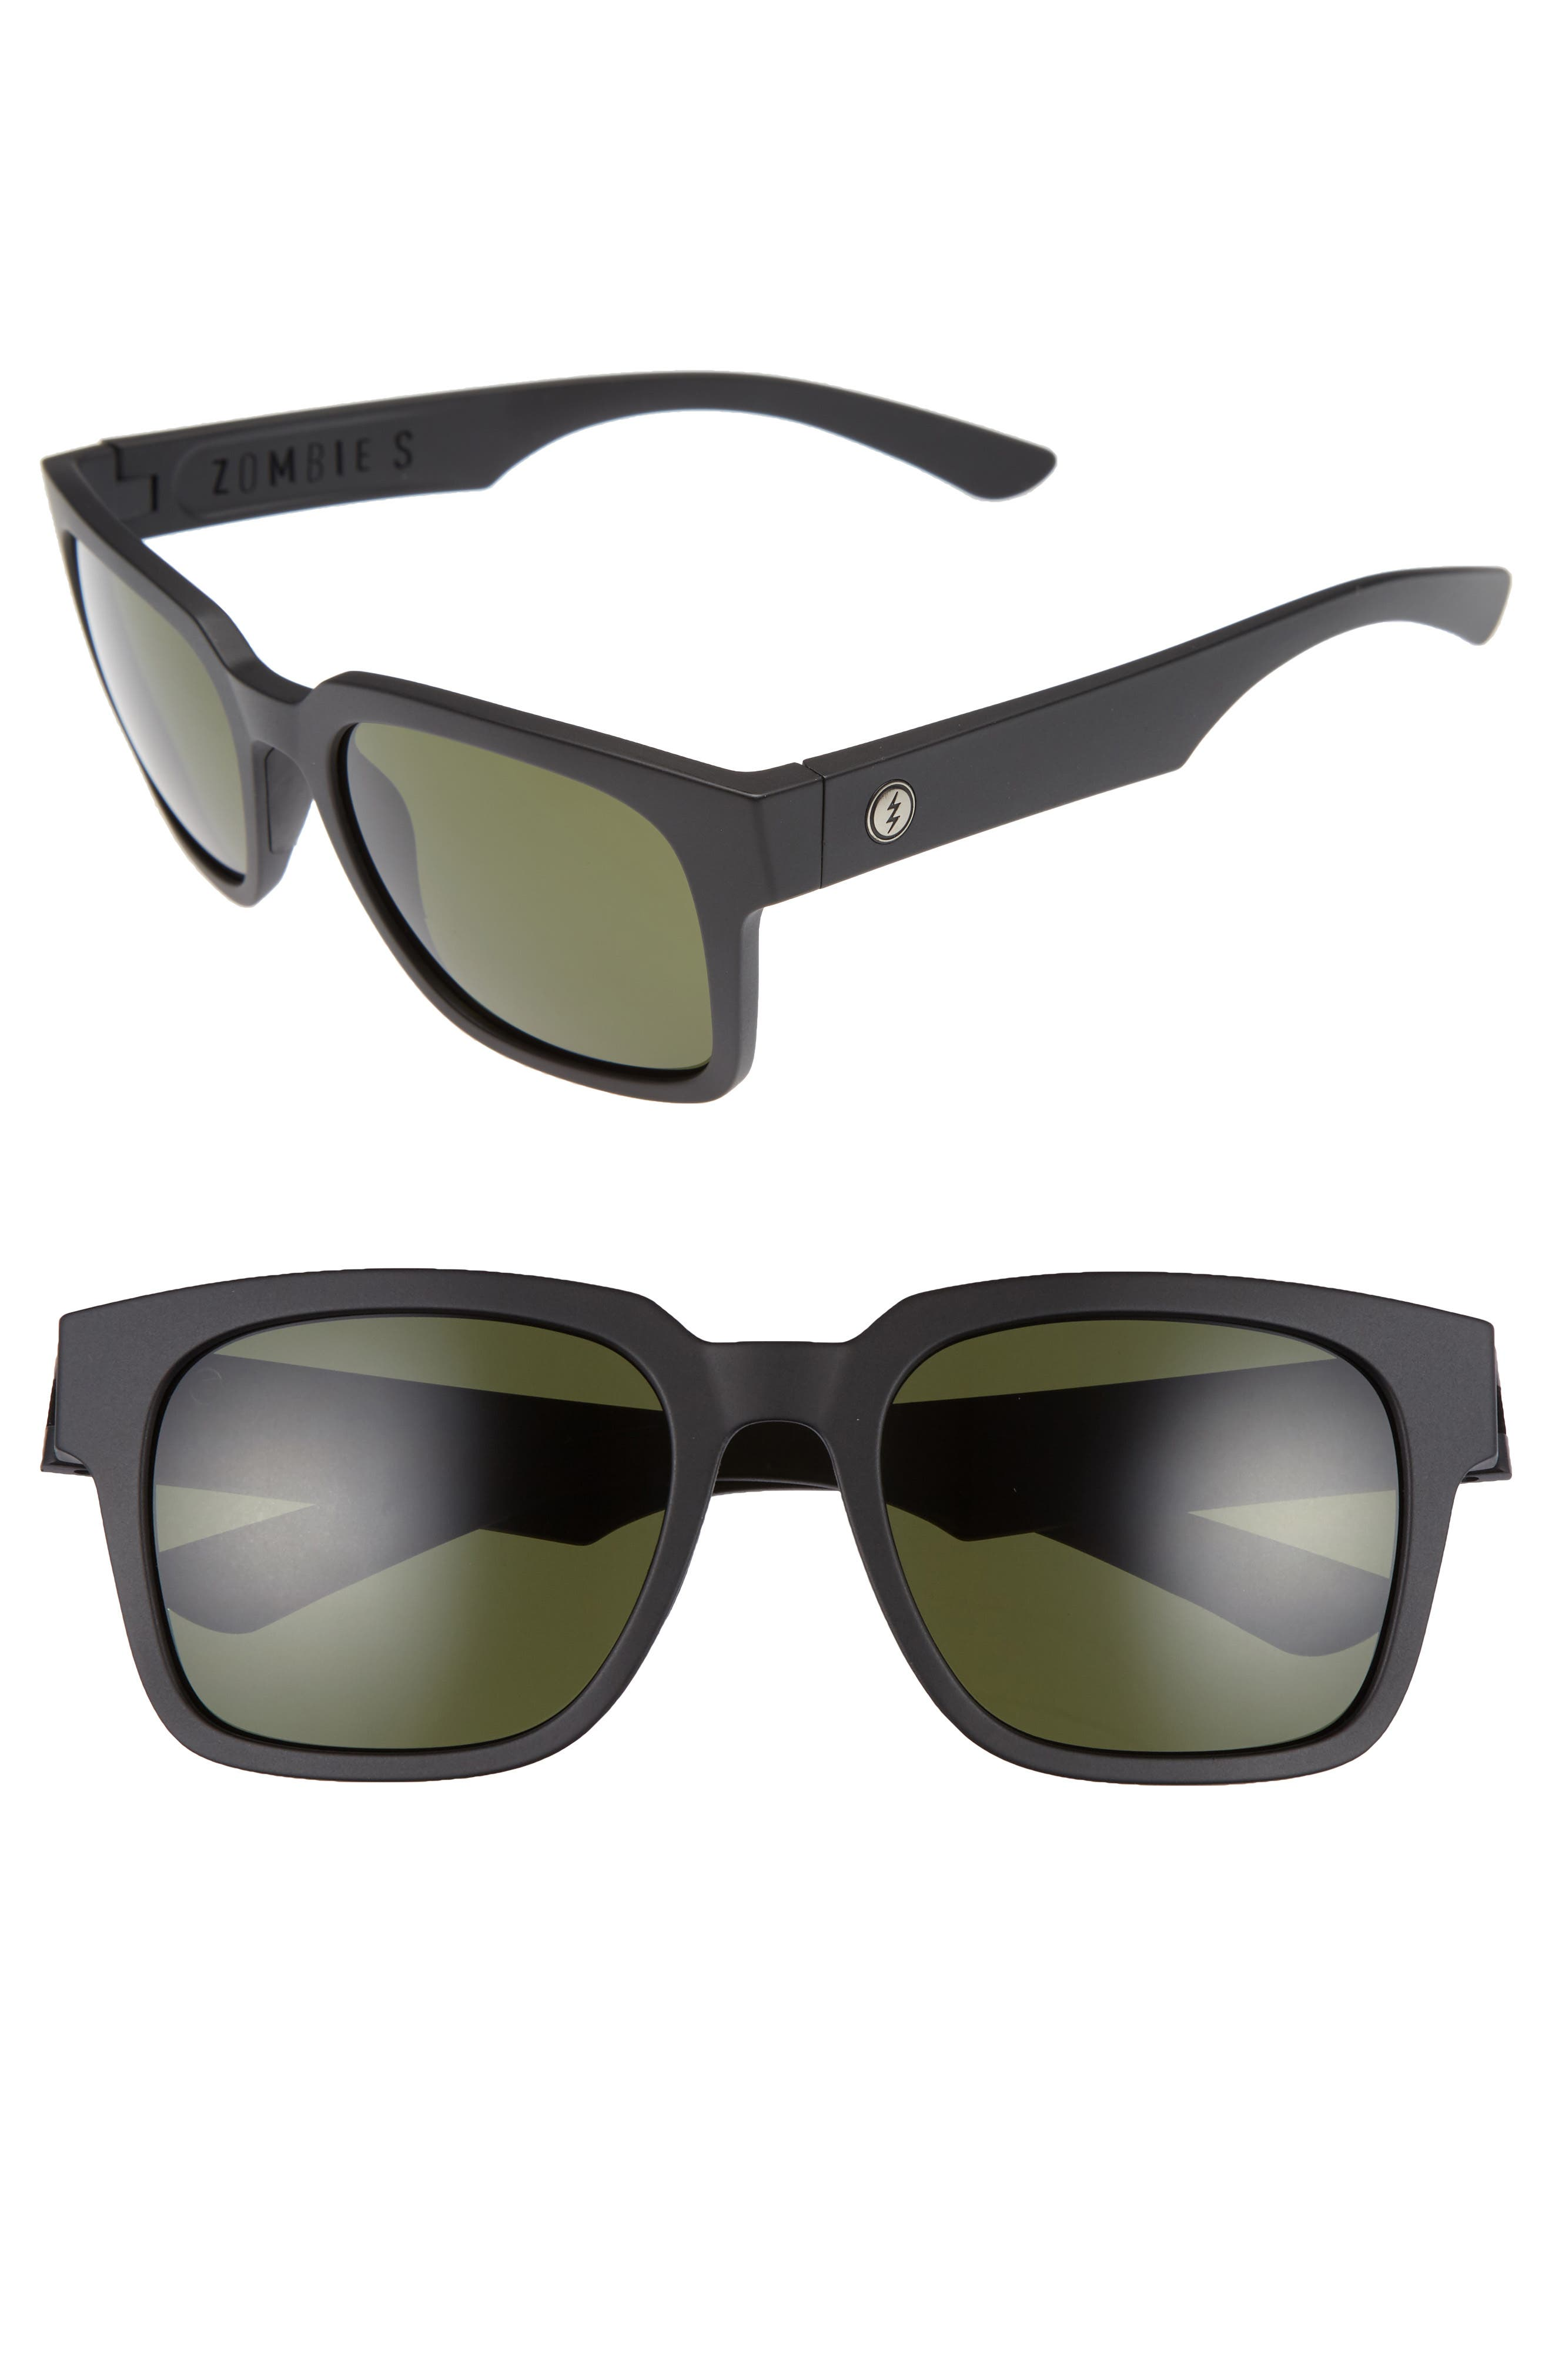 Zombie S 52mm Sunglasses,                         Main,                         color, Matte Black/ Grey